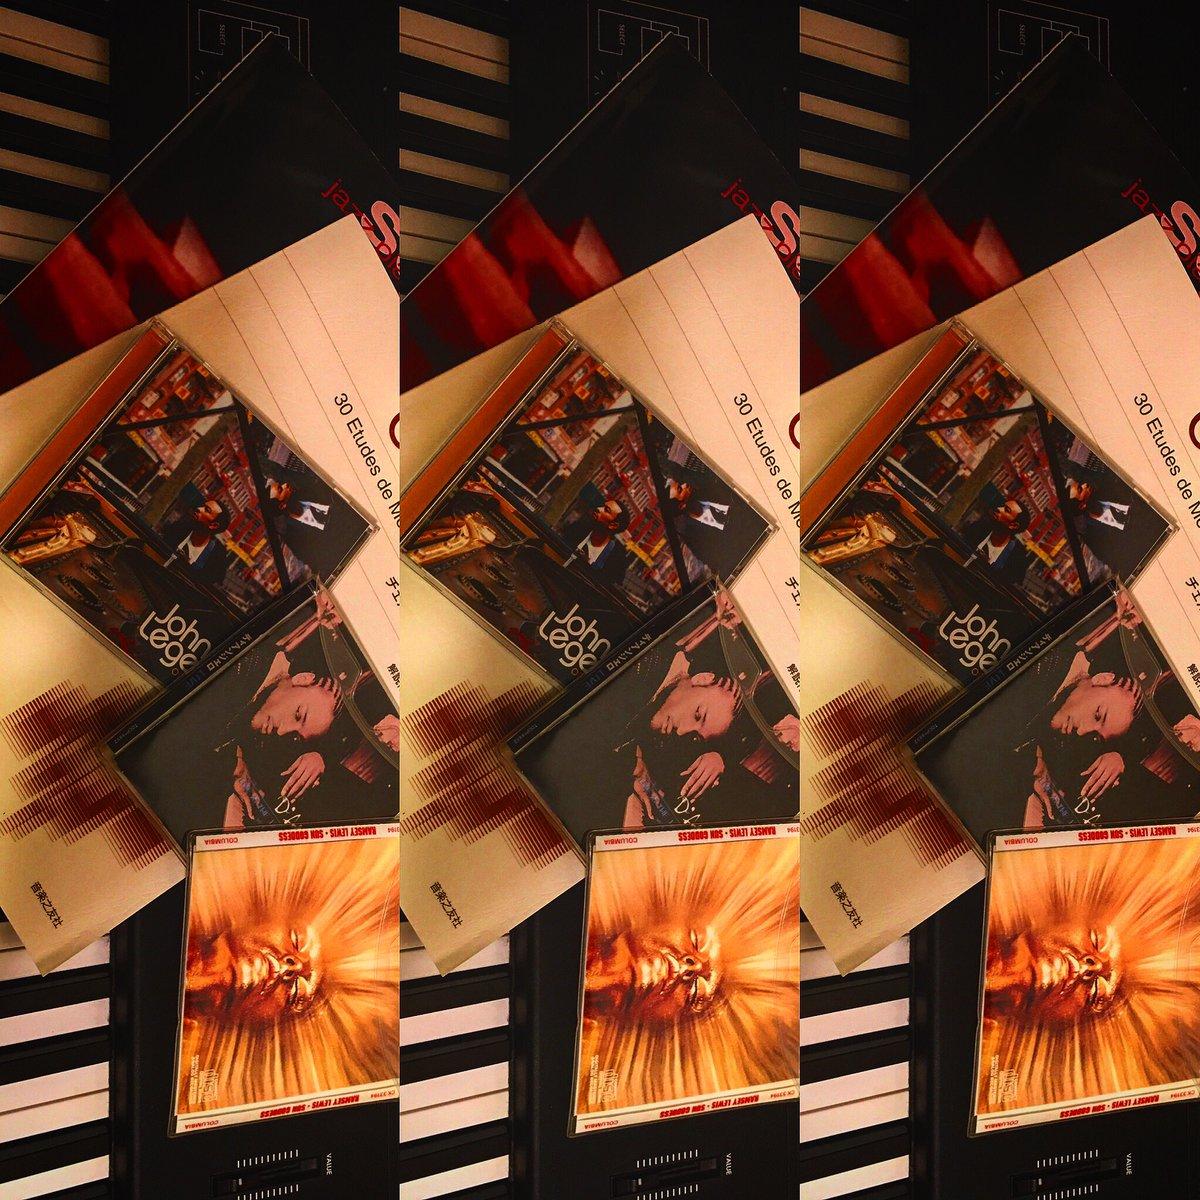 28日(土曜)29日(日曜)は東京都の 外出自粛要請をうけ営業自粛 と致します前向きには希望があると 信じているので明日明後日は大好きな ピアノを弾き倒します 笑顔と元気は好きな事から #萬屋遊蕎 #蕎麦 #蕎麦屋 #蕎麦割烹 #蕎麦居酒屋 #そばまえ #炭火焼 #鮮魚 #天ぷら #酒肴 #不動前 #目黒 pic.twitter.com/b4tzB6Lhbj